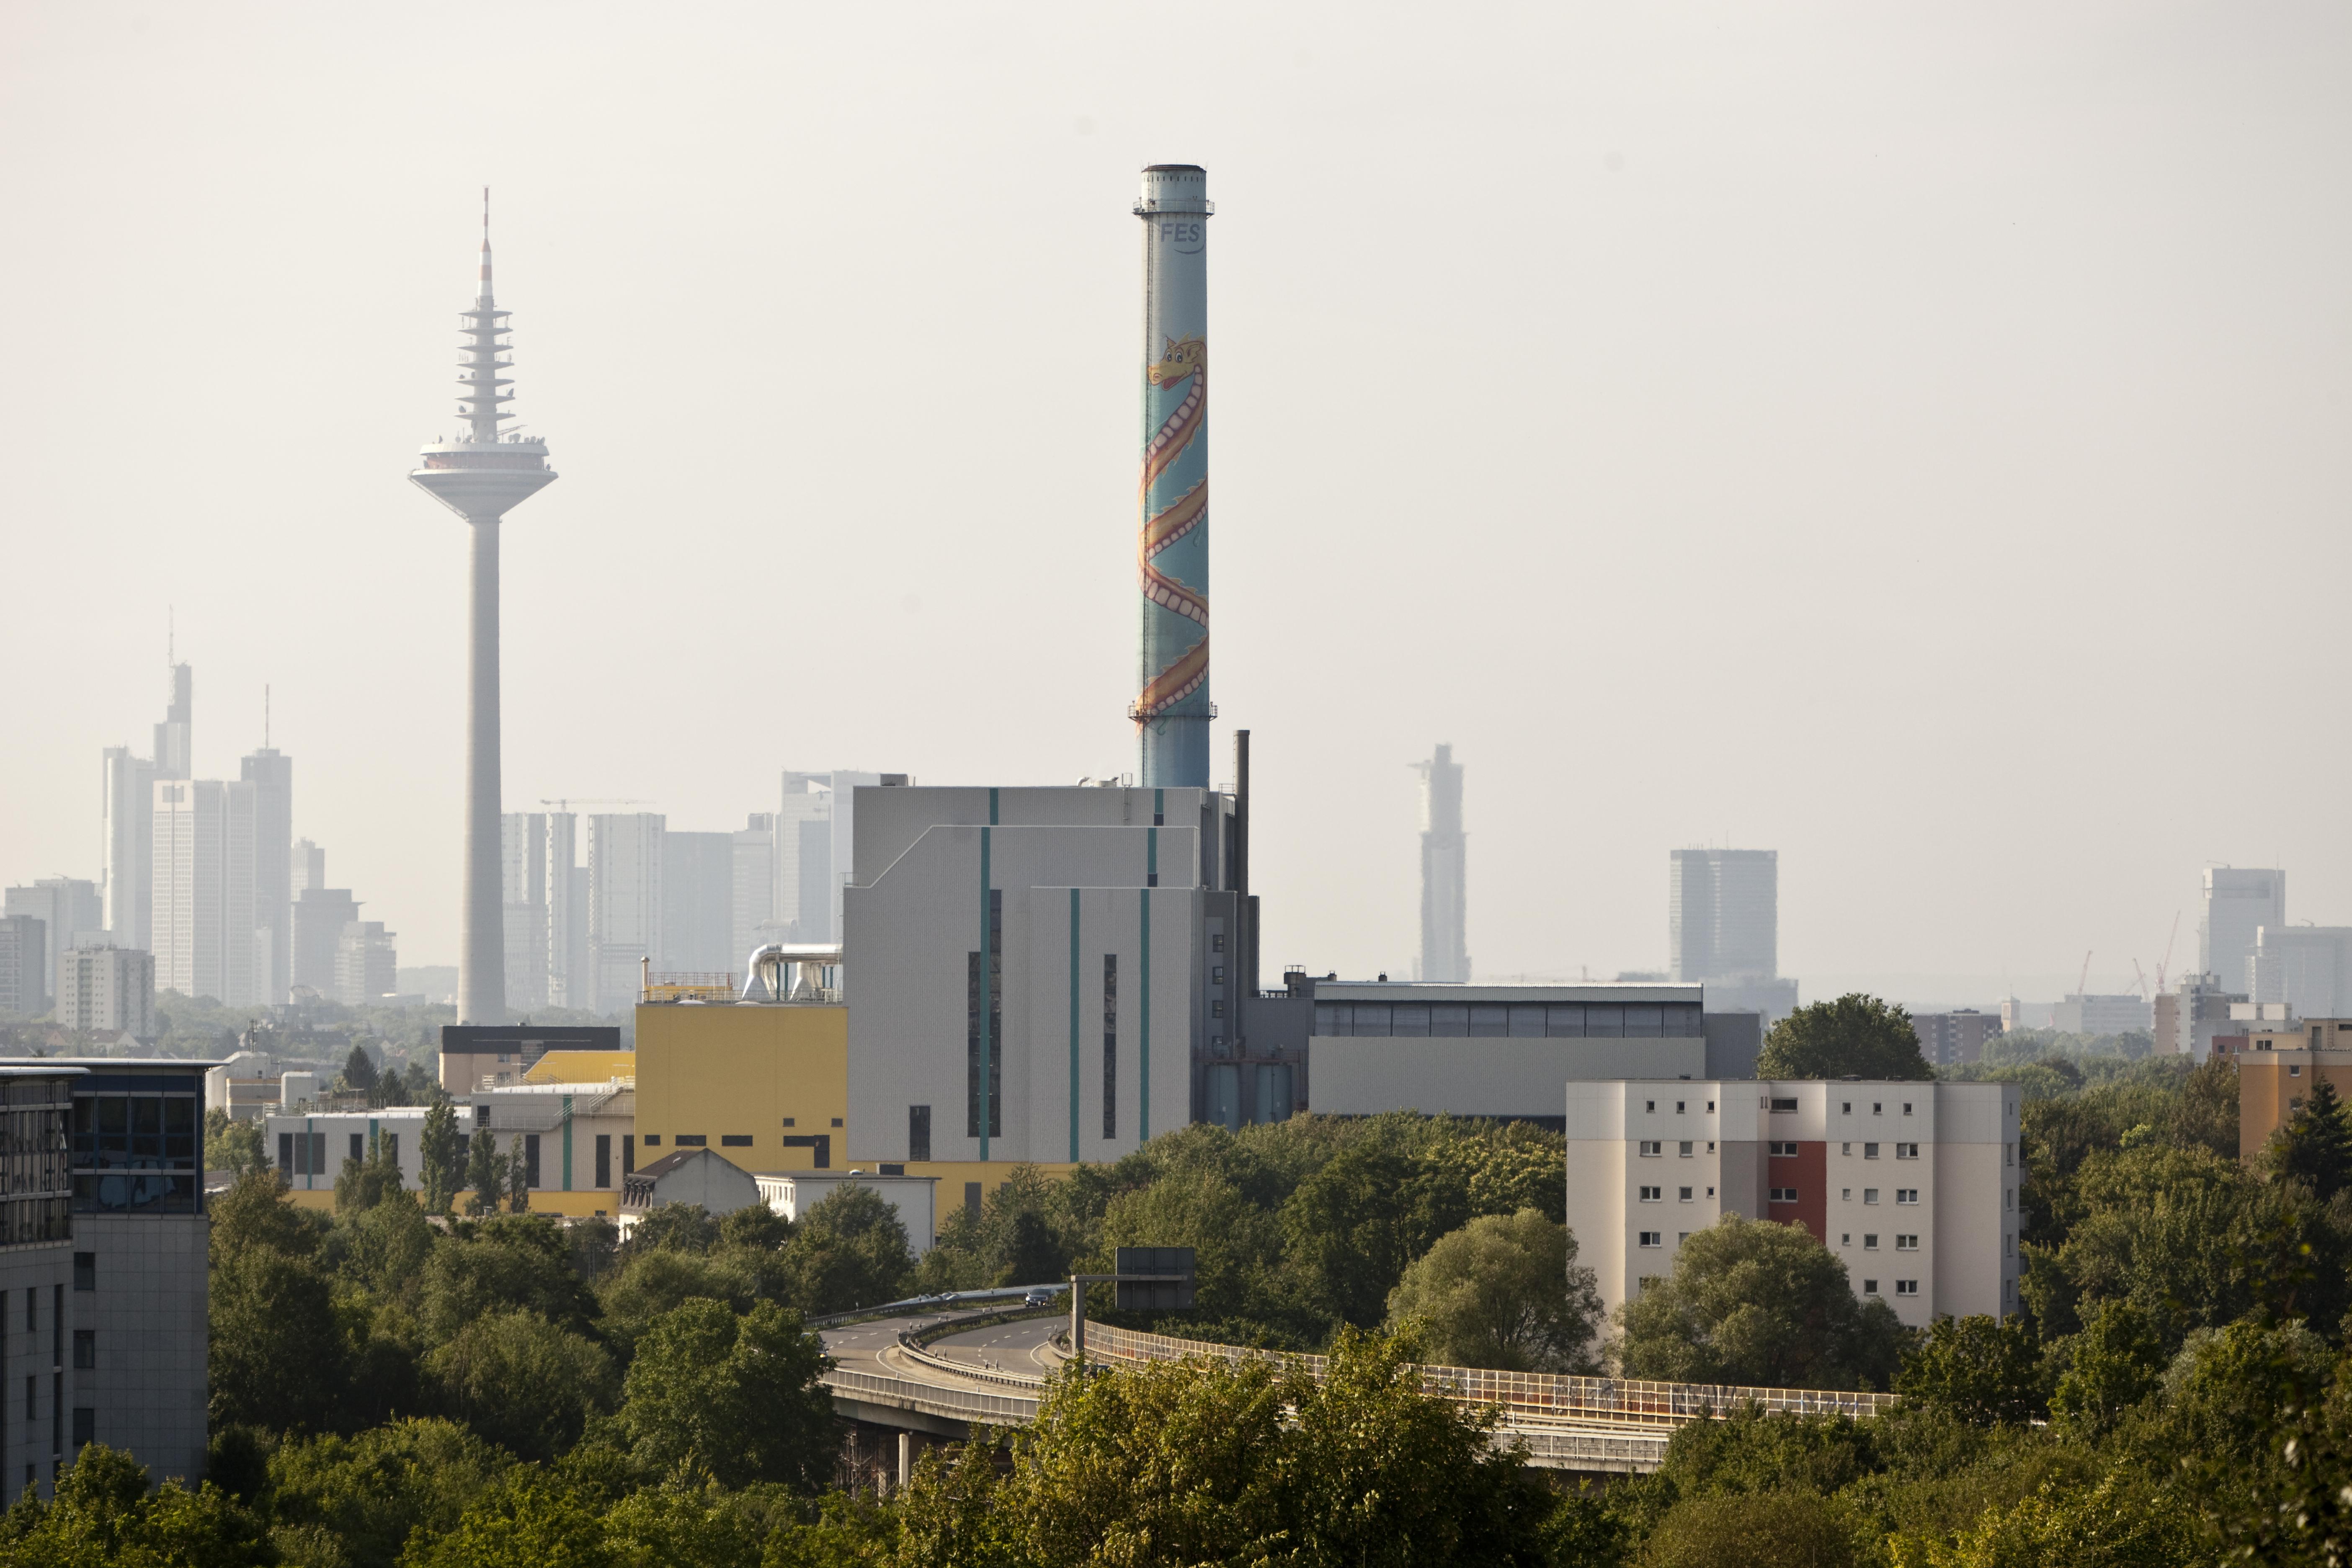 Mainova_-_M%C3%BCllheizkraftwerk_Nordweststadt_-_Frankfurt_am_Main Spannende Lampen Frankfurt Am Main Dekorationen